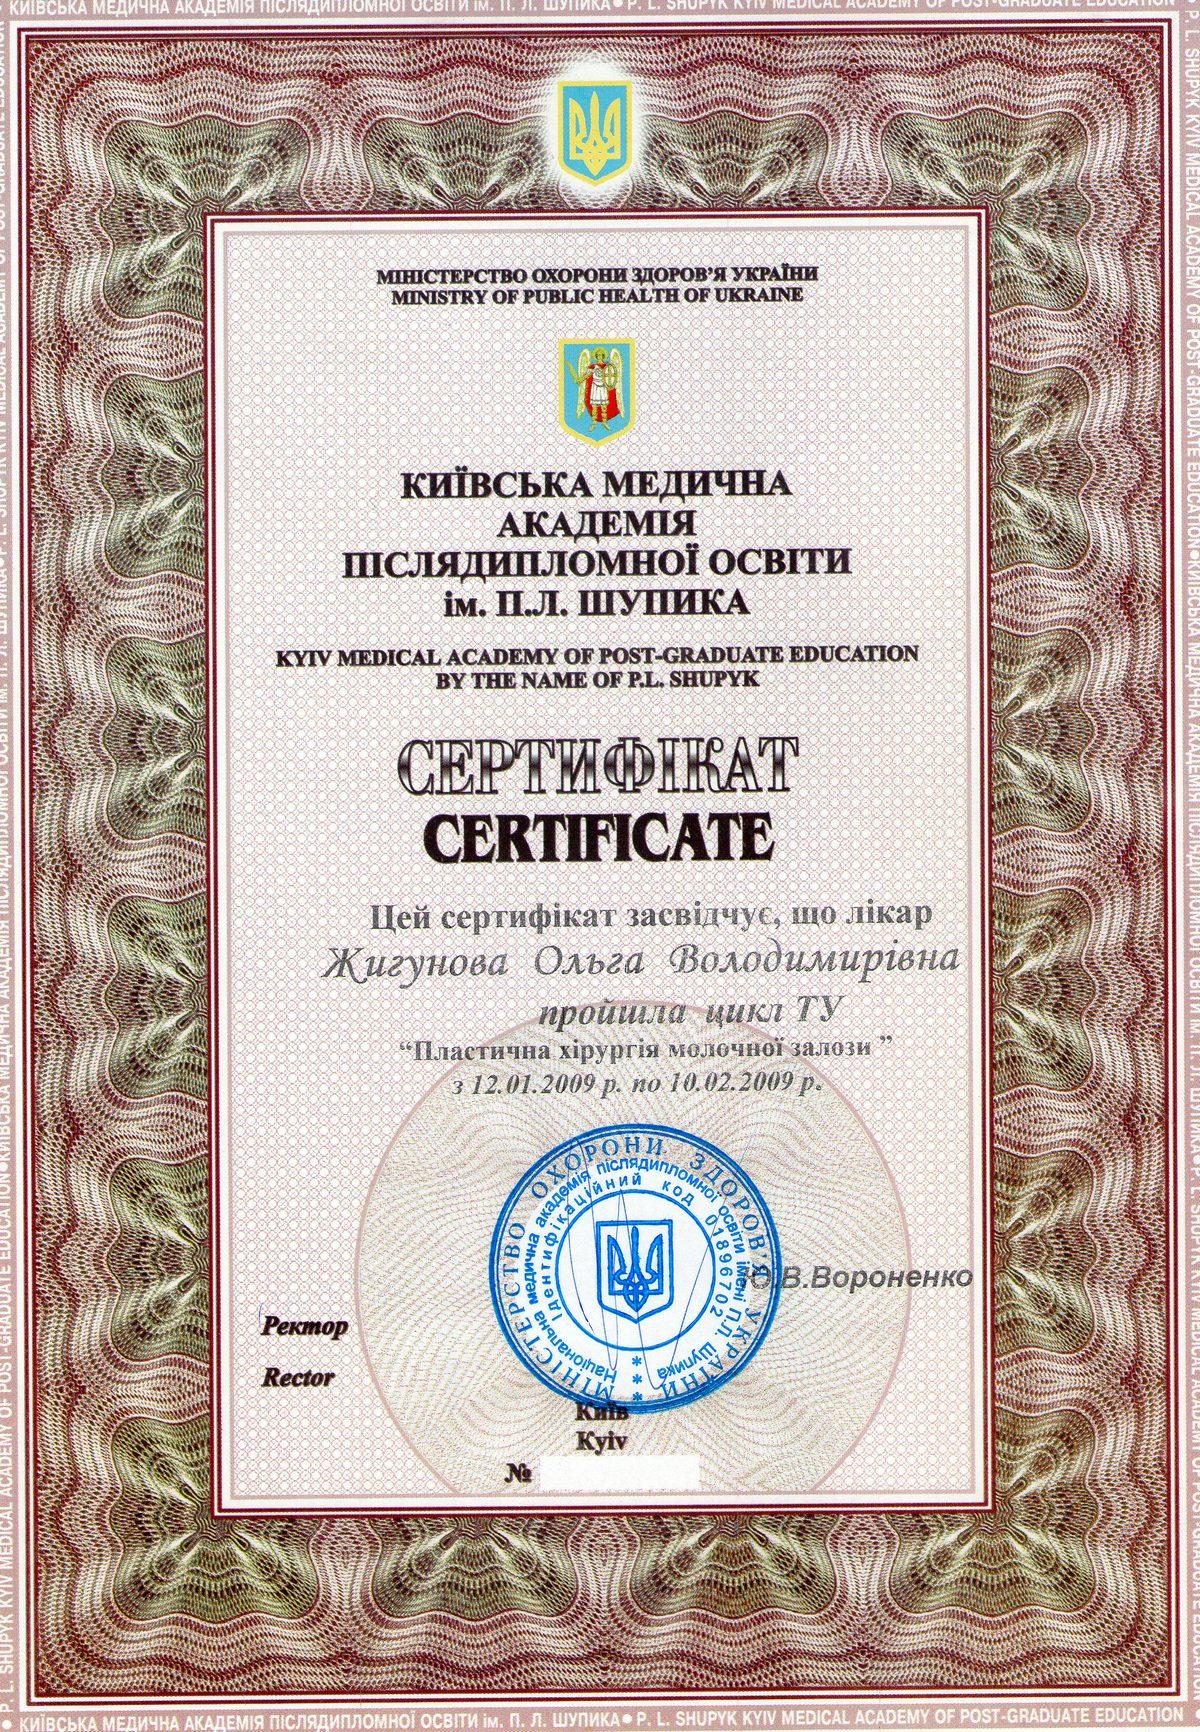 Документ №:11 Сертификат пластического хирурга Жигуновой Ольги Владимировны